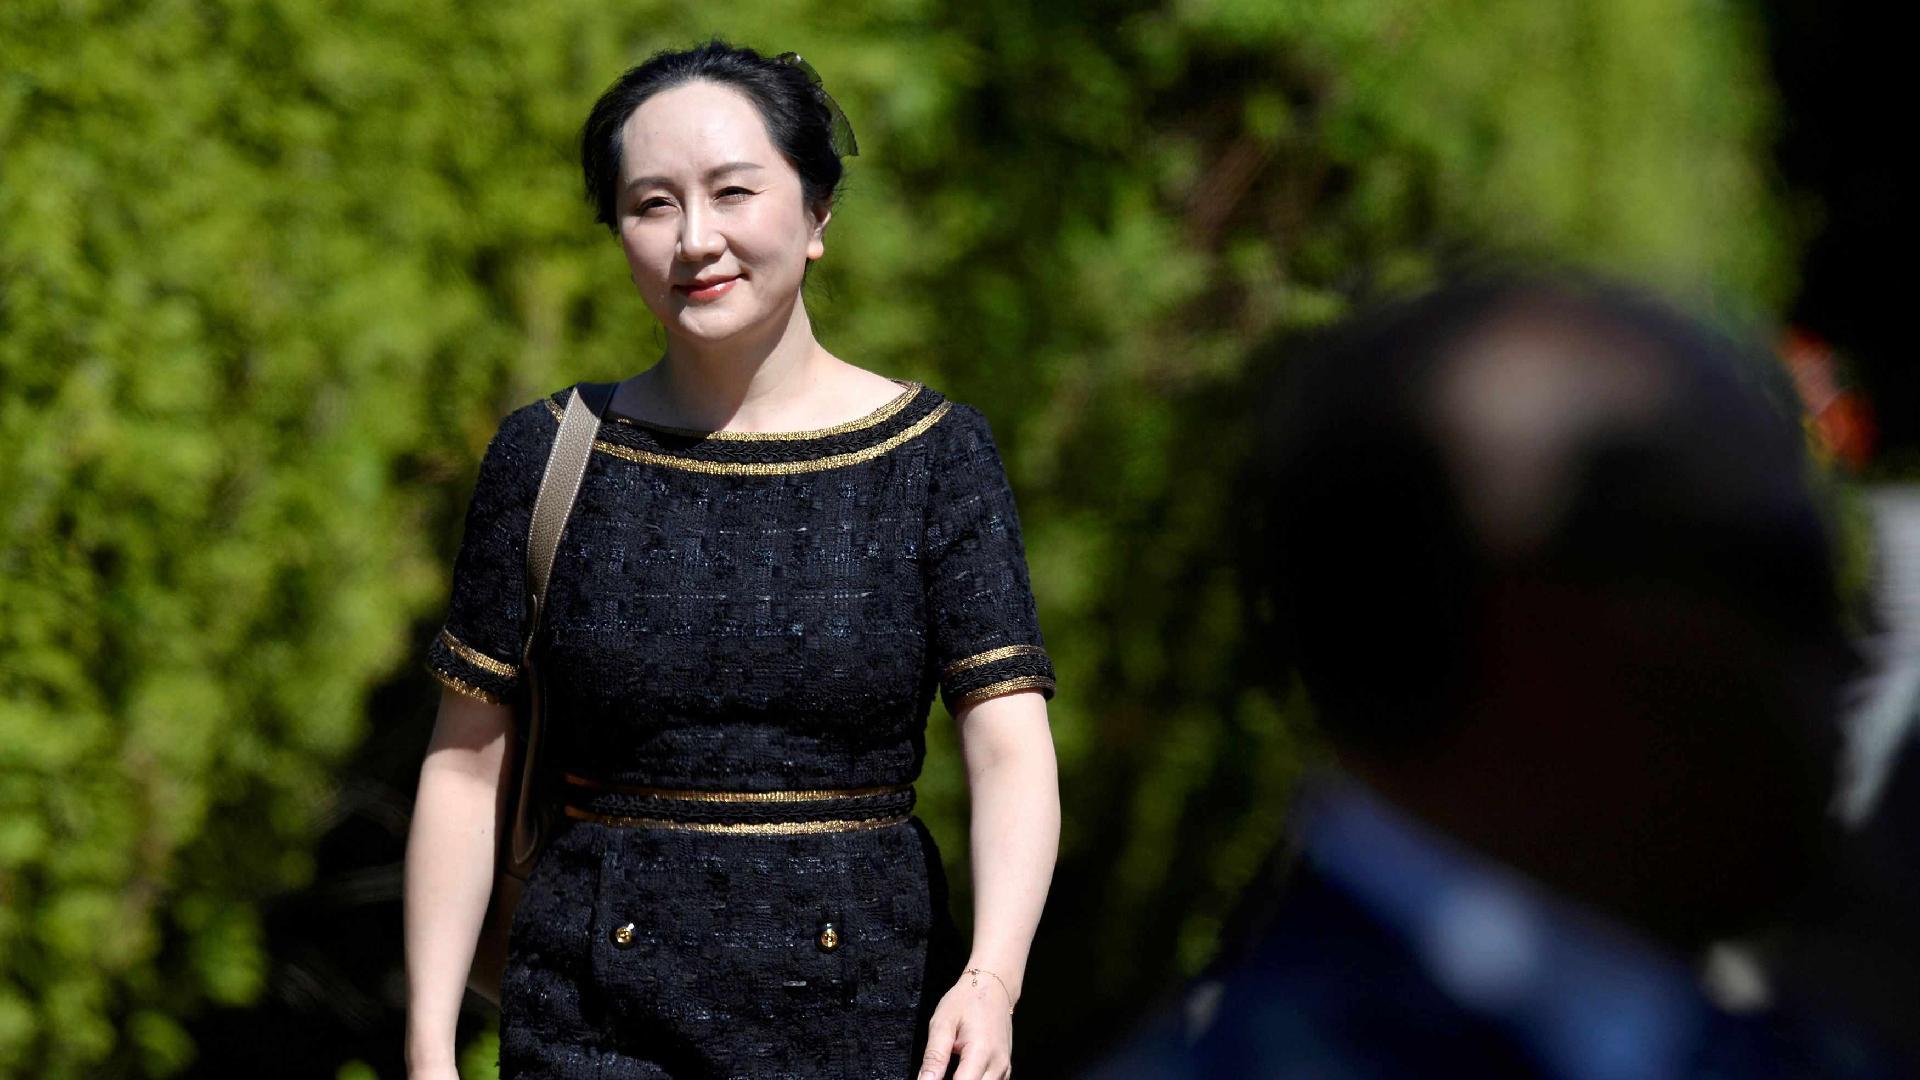 China: Arrest of Huawei's Meng Wanzhou a 'political conspiracy' - CGTN